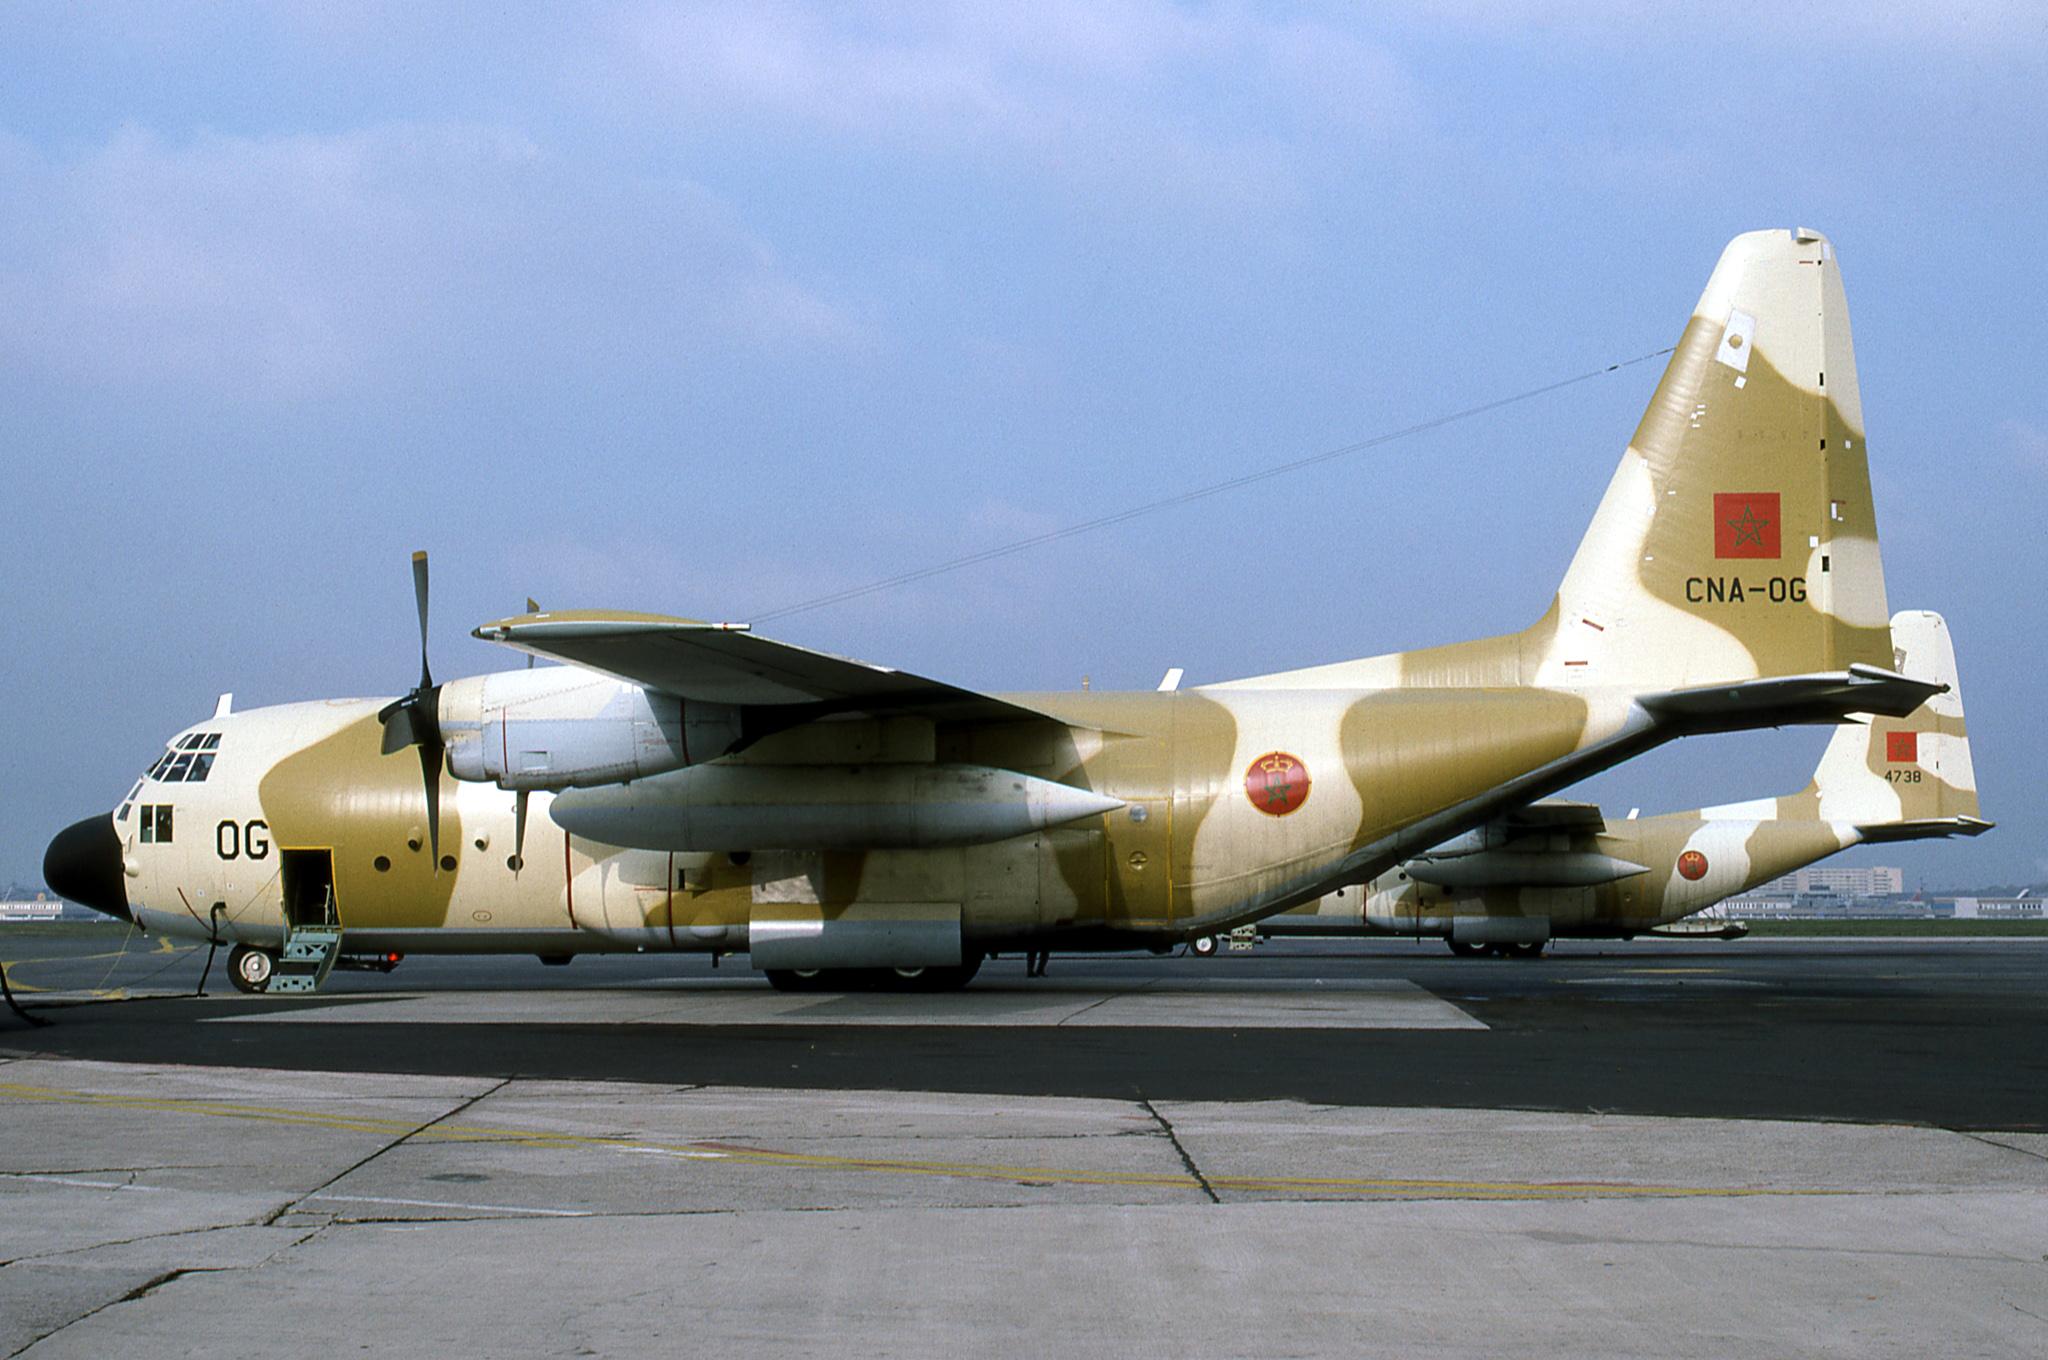 FRA: Photos d'avions de transport - Page 38 48463476517_48ff501a9f_o